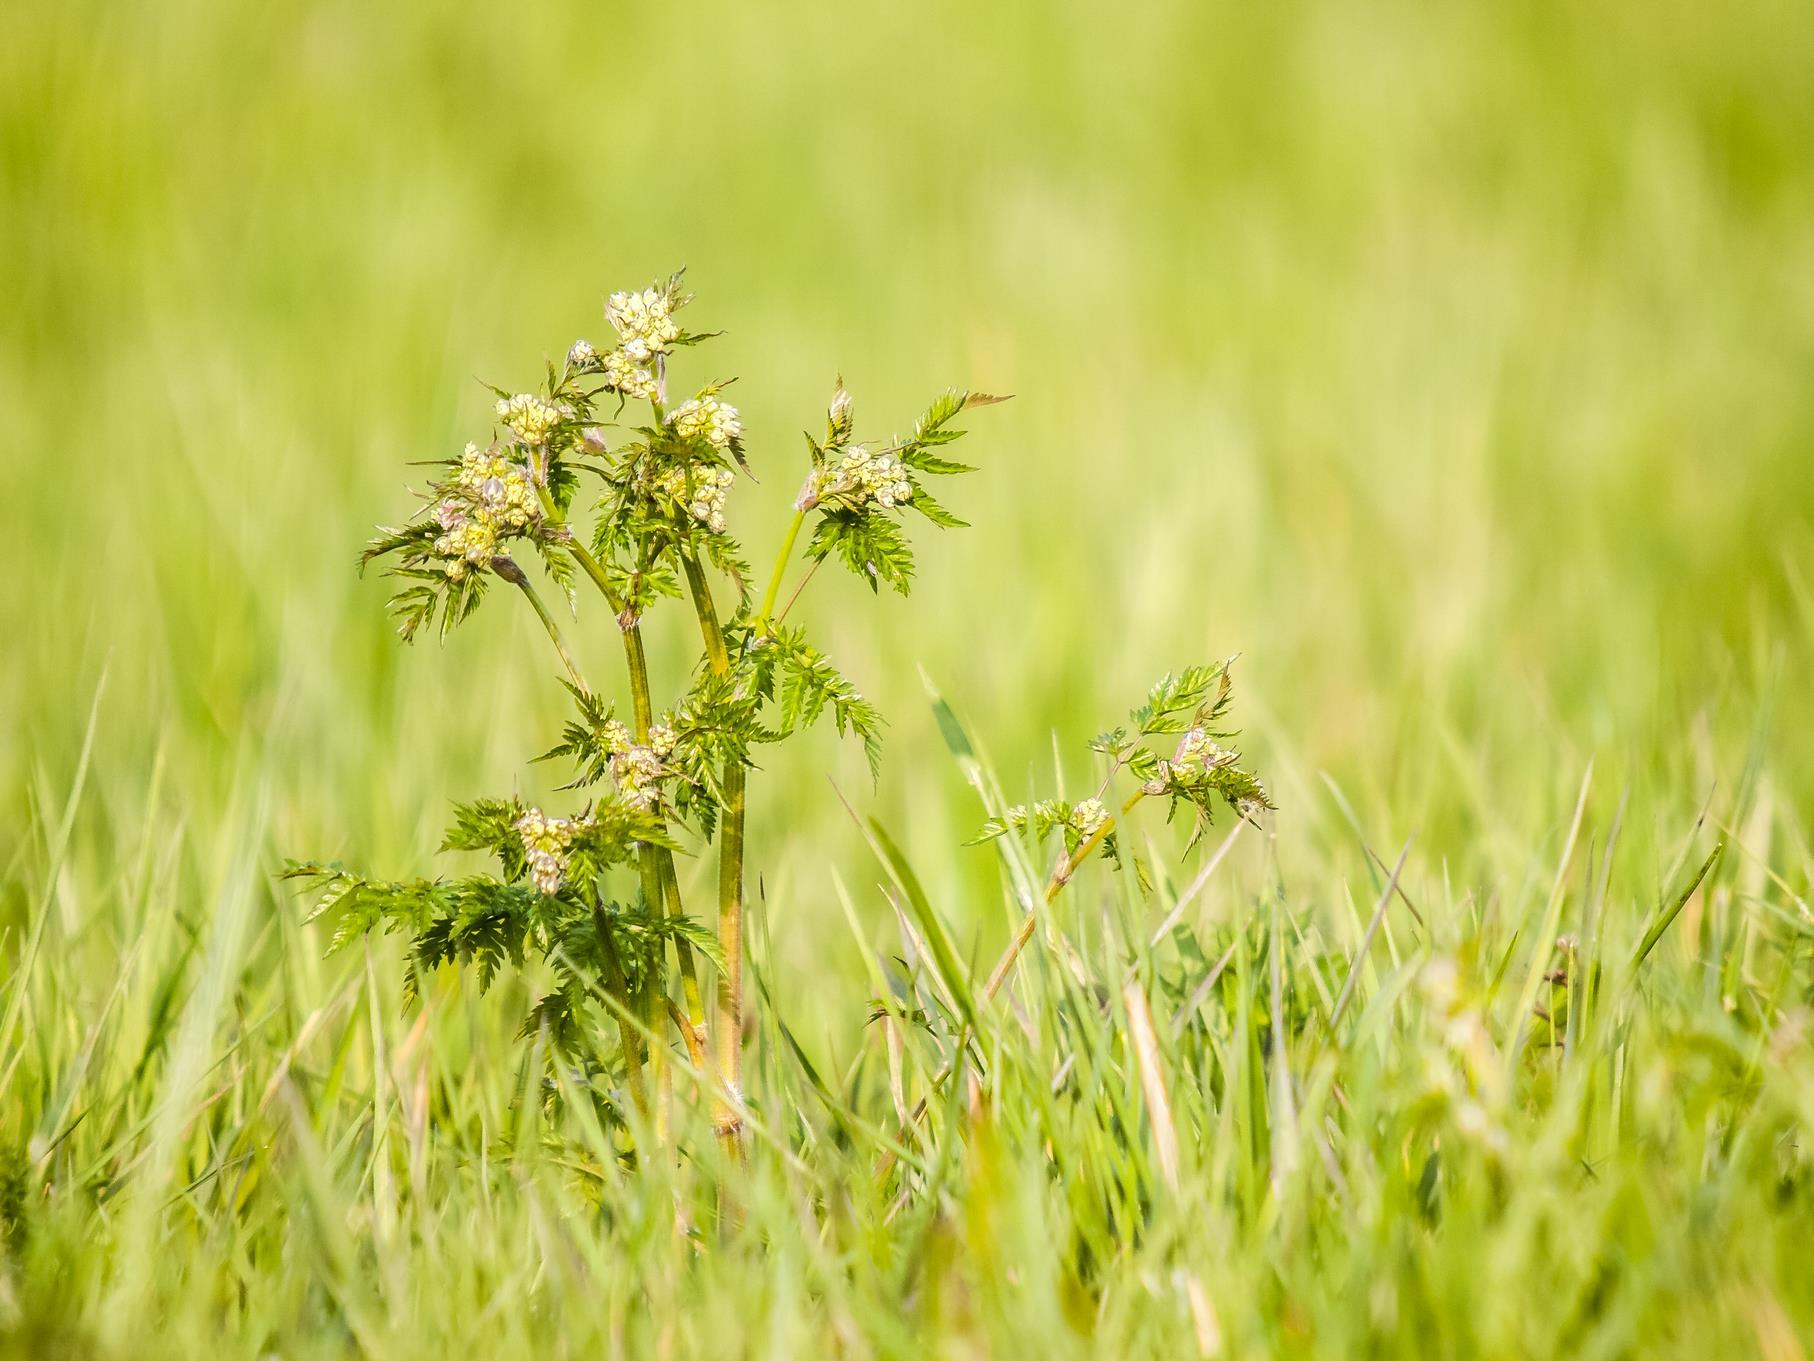 Eine heranwachsende Pflanze zwischen den Gräsern.